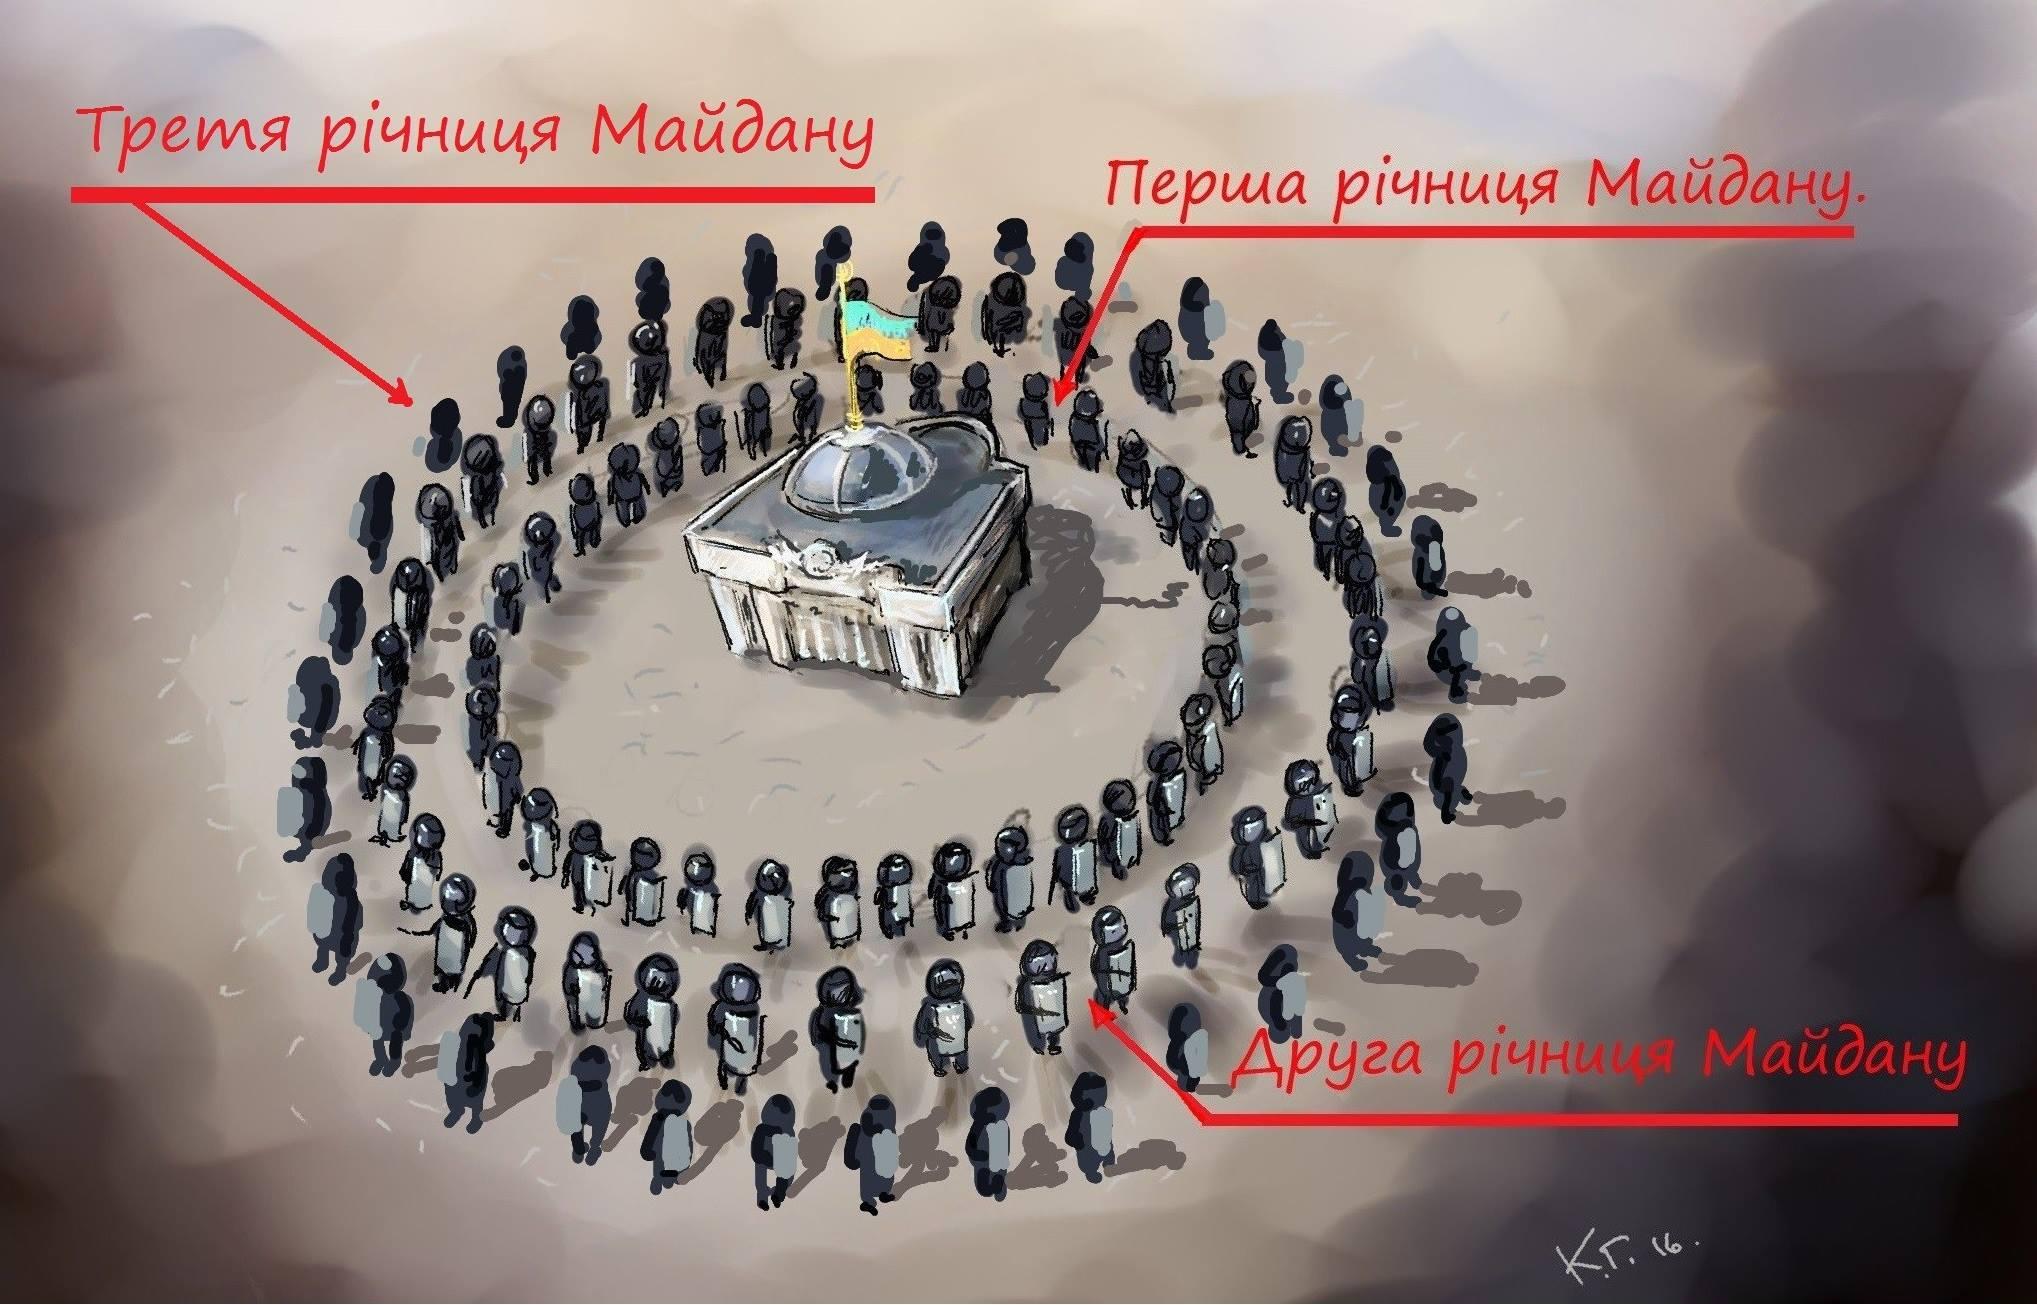 Проекты постановлений об отставке министра внутренних дел Авакова отклонены профильным комитетом ВР - Цензор.НЕТ 8343